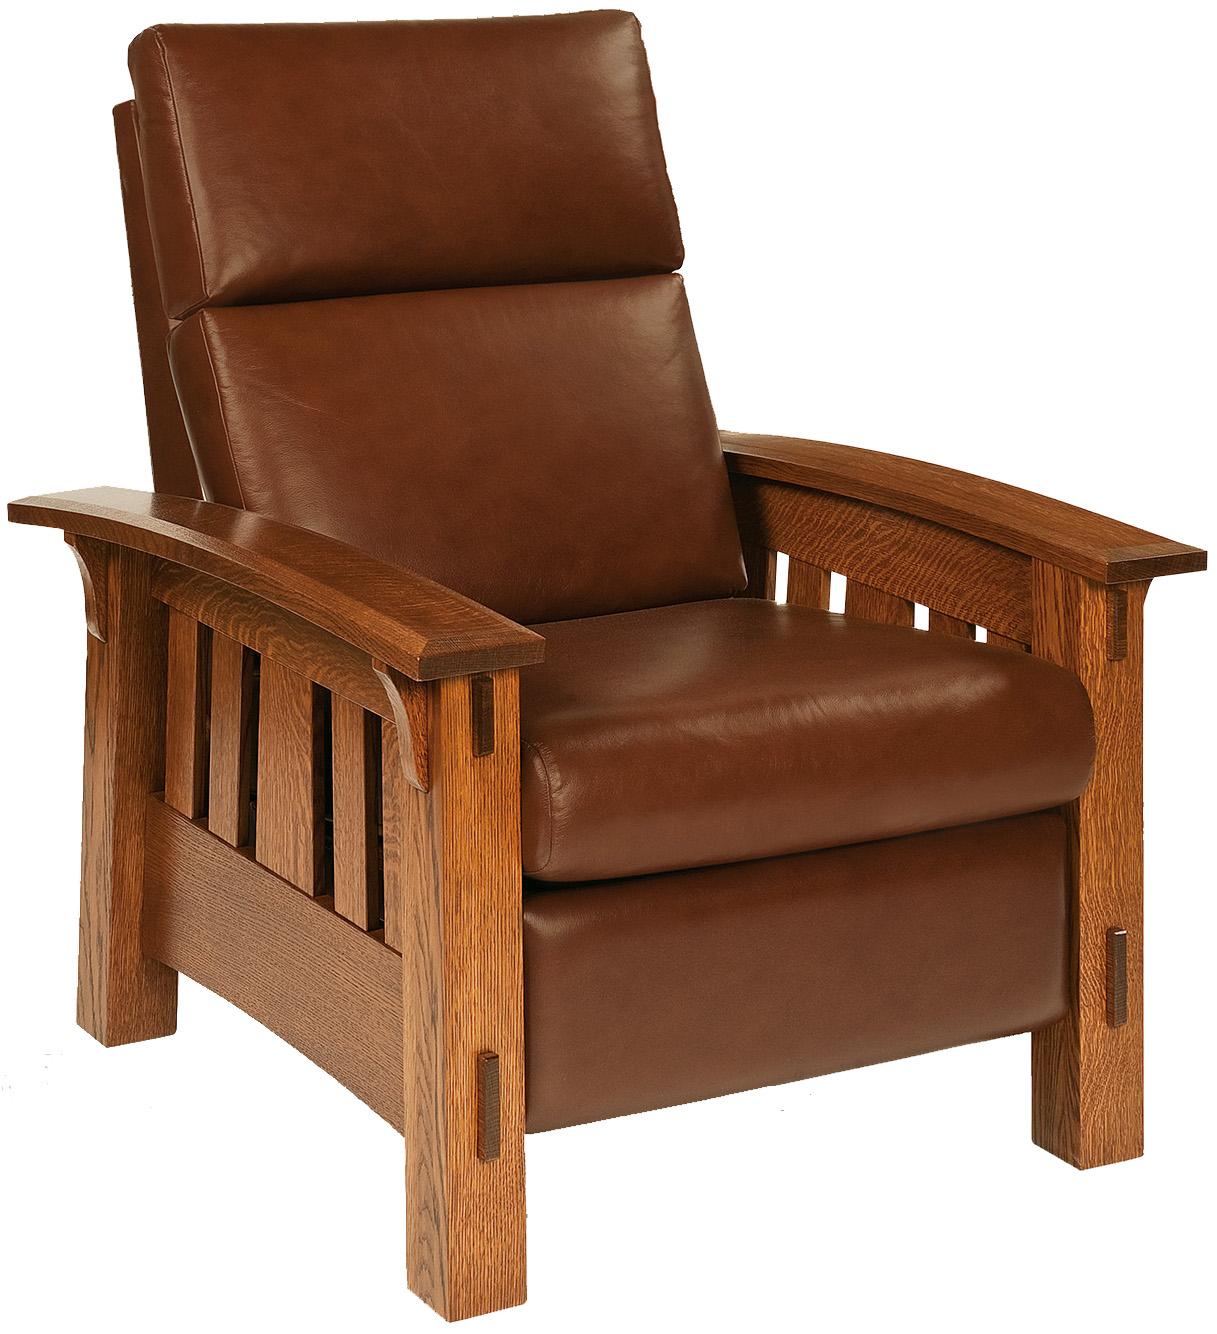 sc 1 st  Weaver Furniture & McCoy Recliner   McCoy Wood Recliner   McCoy Mission Recliner